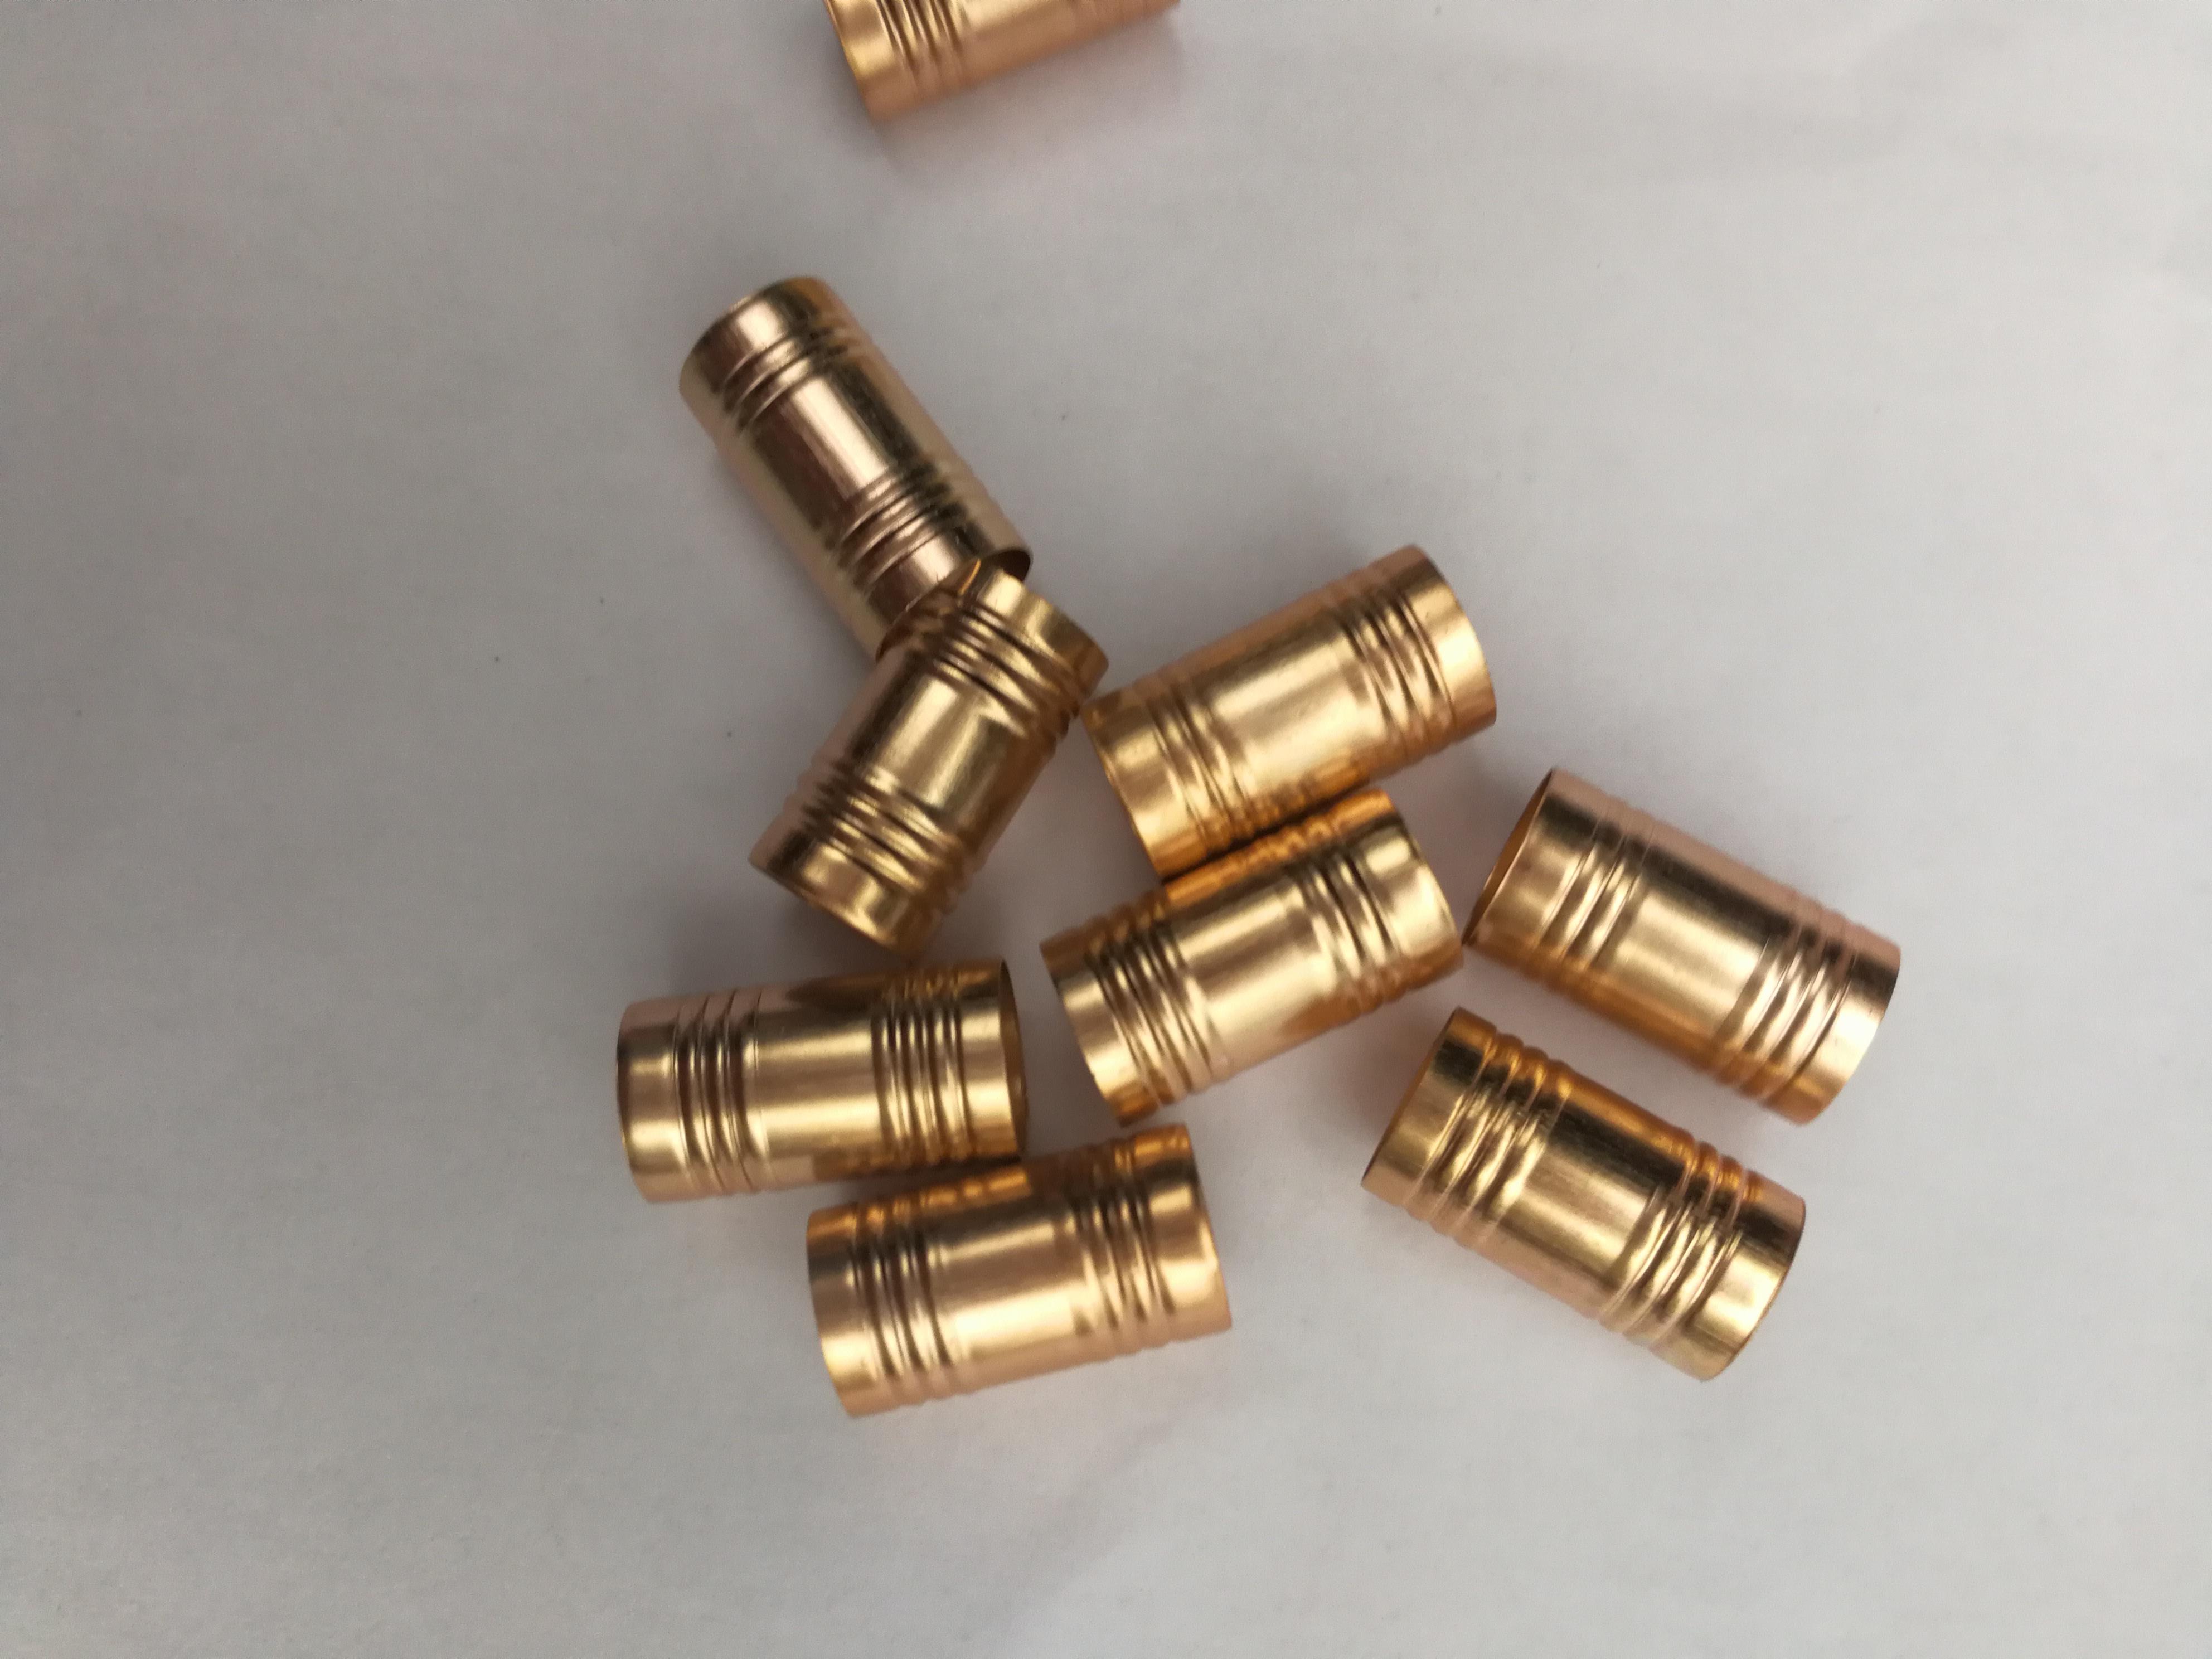 江苏铝套厂 铝套厂家直销 铝套销售 铅笔铝套0